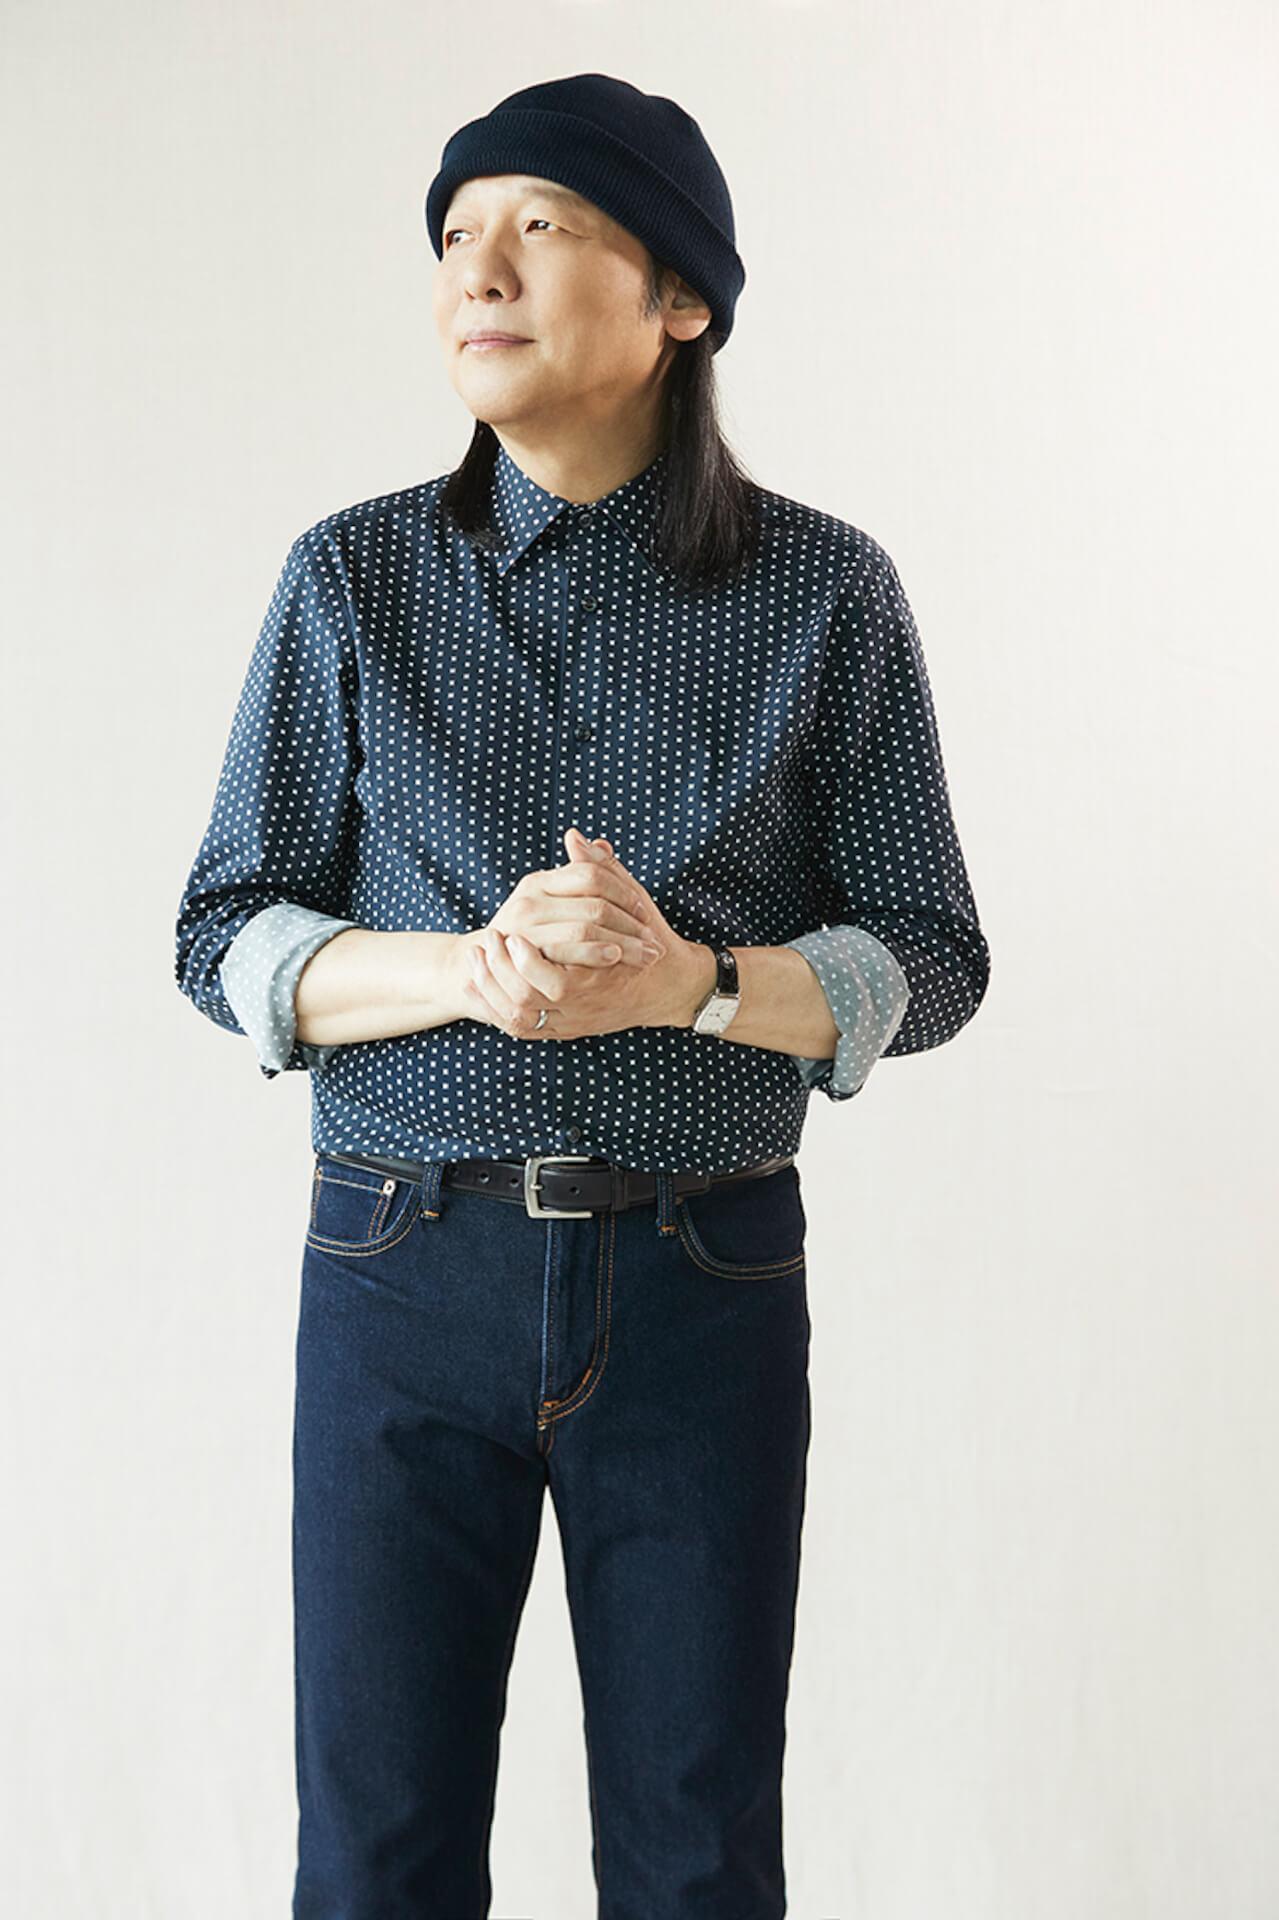 山下達郎の傑作『ARTISAN』が最新リマスター盤として発売決定!アナログレコードも初リリース music210607_yamashitatatsuro_2